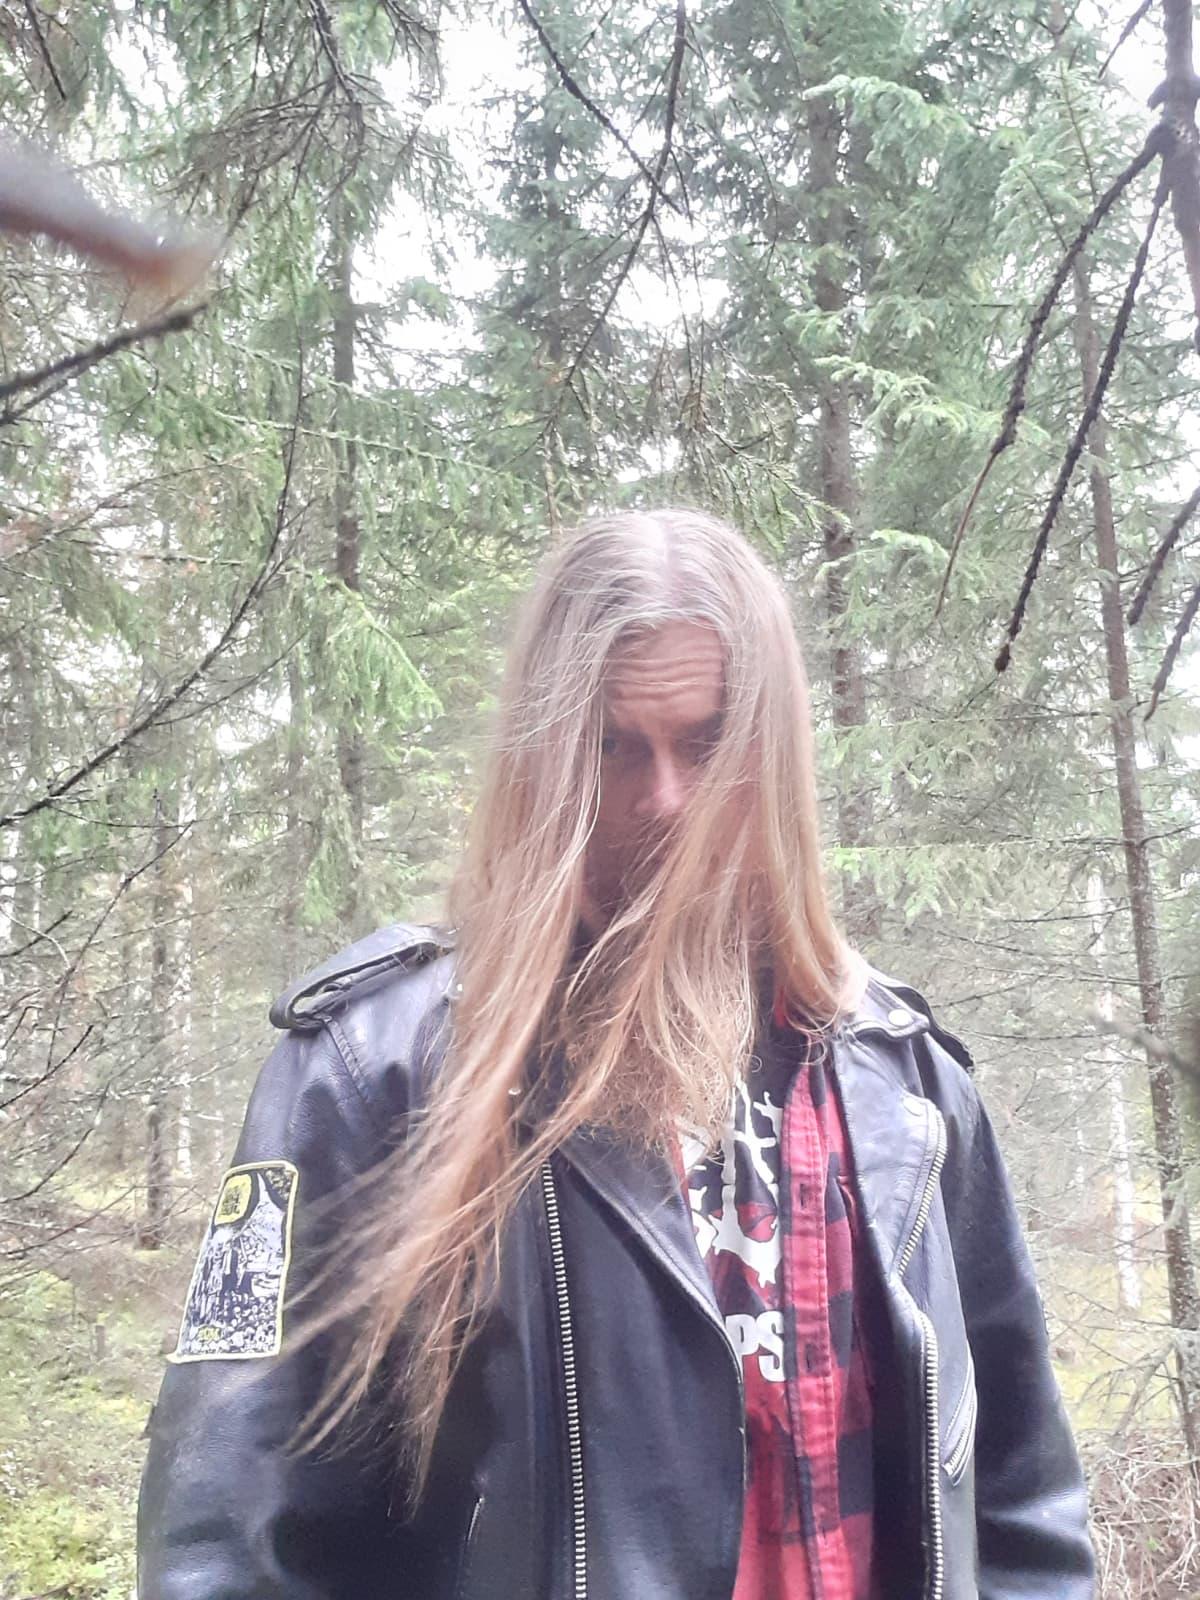 Rotting Ways to Misery, Markus Makkonen